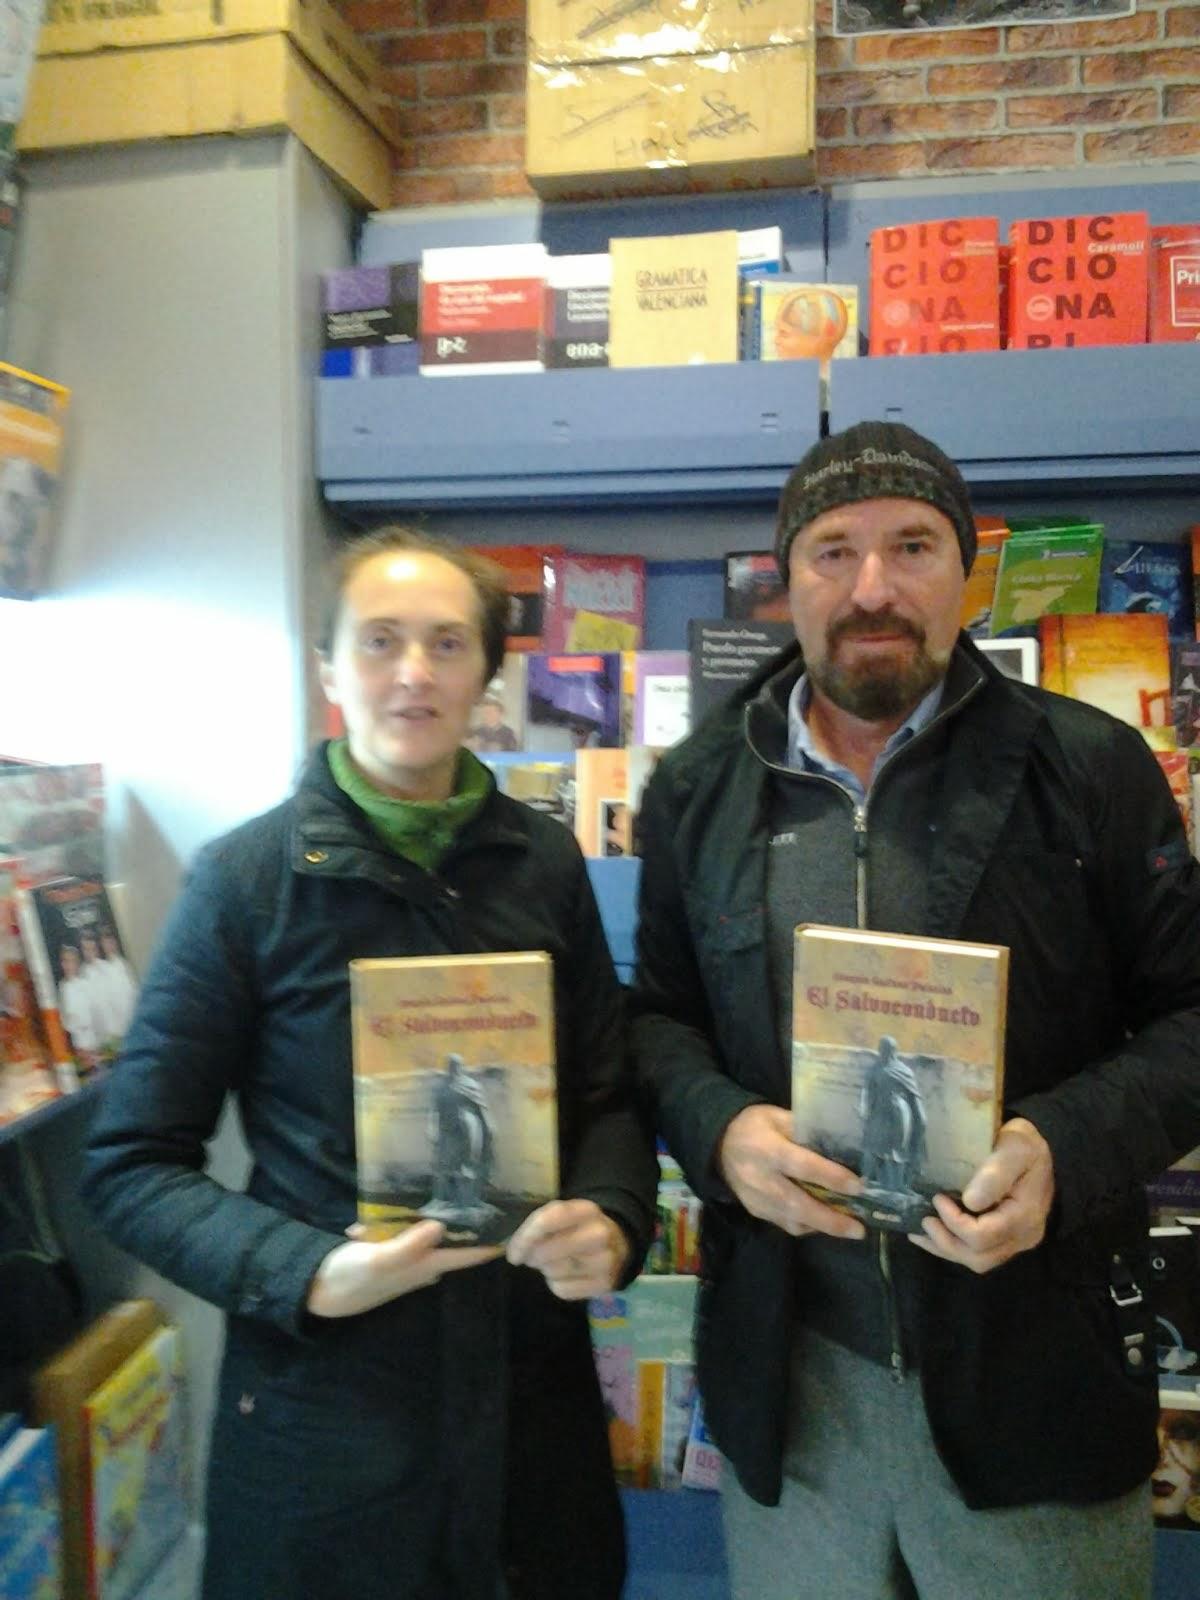 Con Mónica, librería Rubicón, Torrellano (Elche).